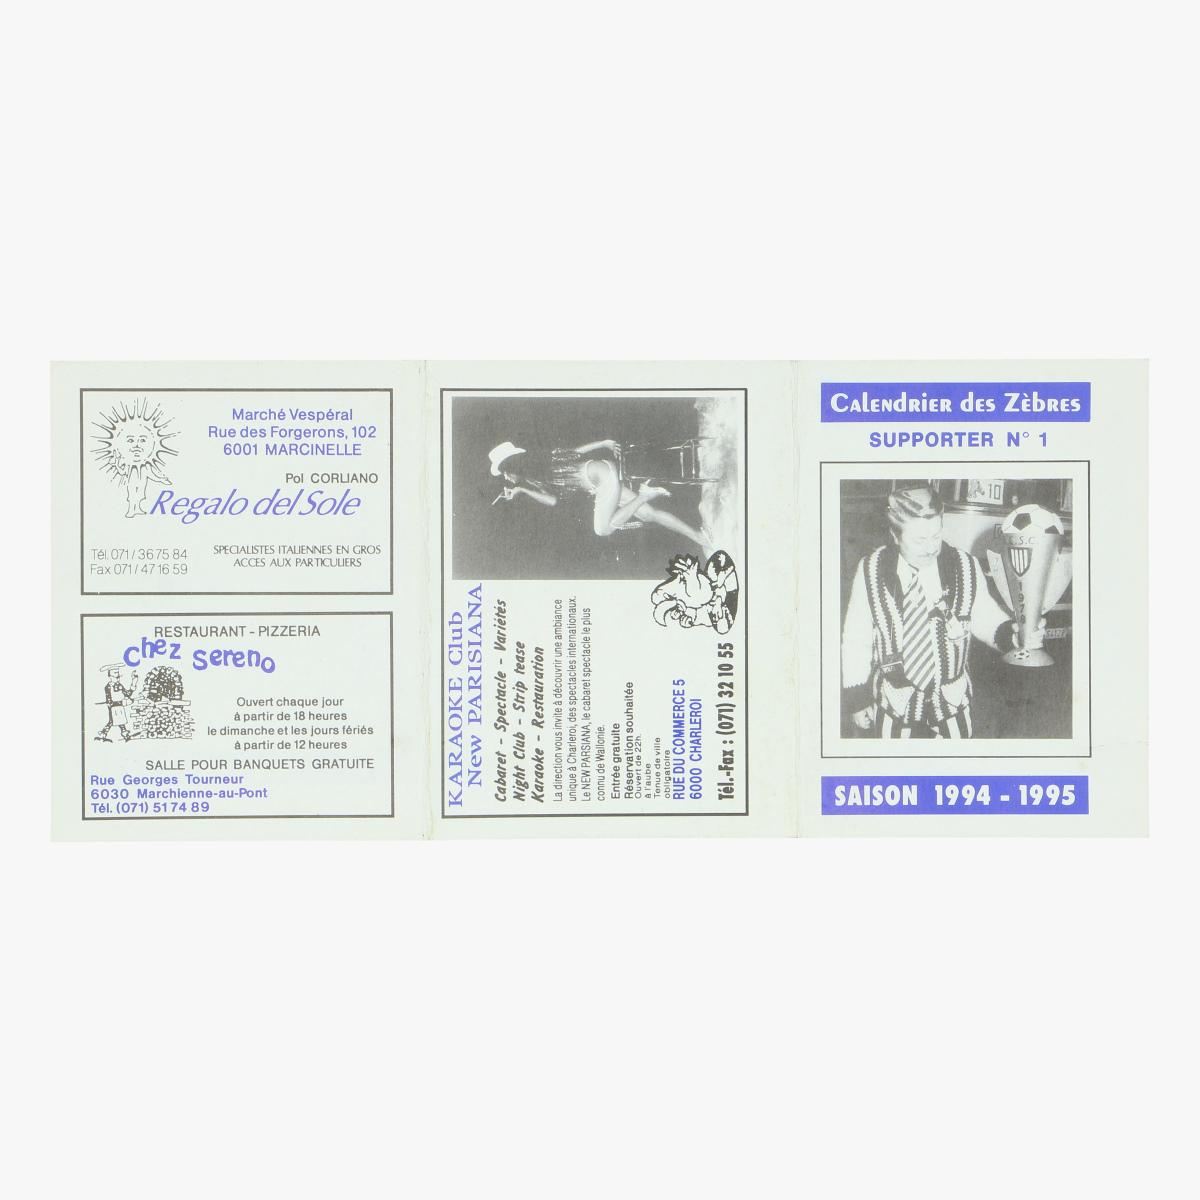 Afbeeldingen van kalender 94-95 royal charleroi sporting